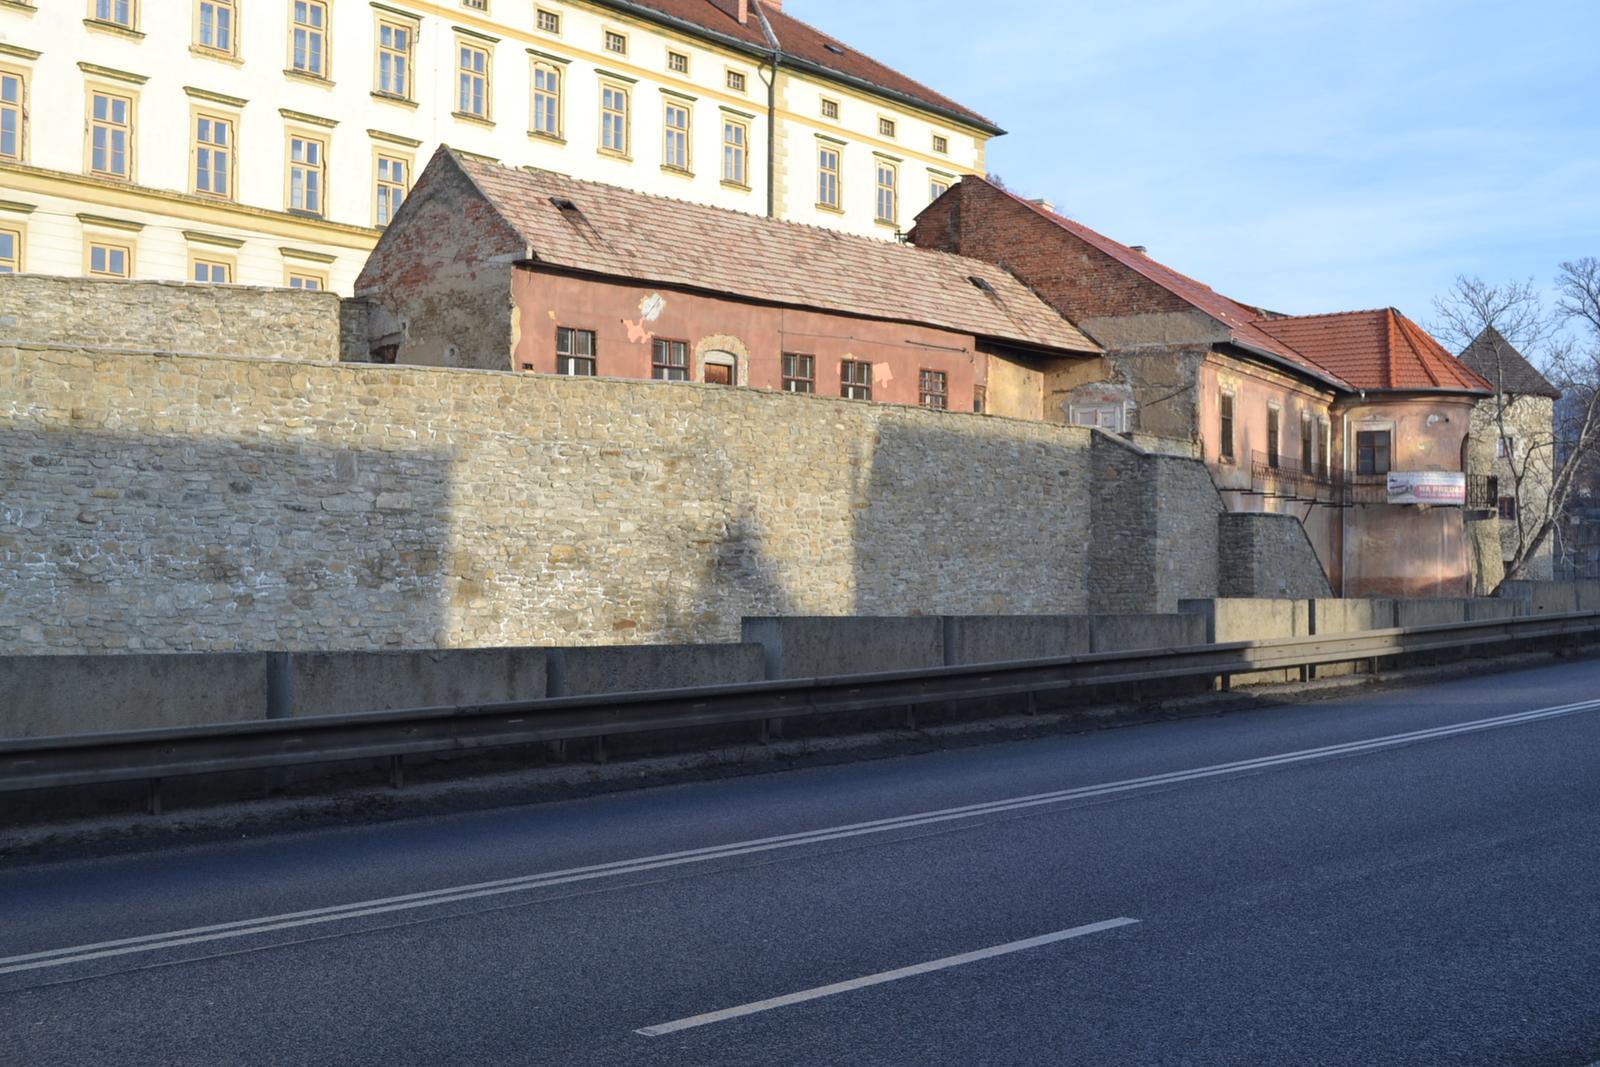 Rekonstrukcia  domu z 18- teho storocia - Obrázok č. 8